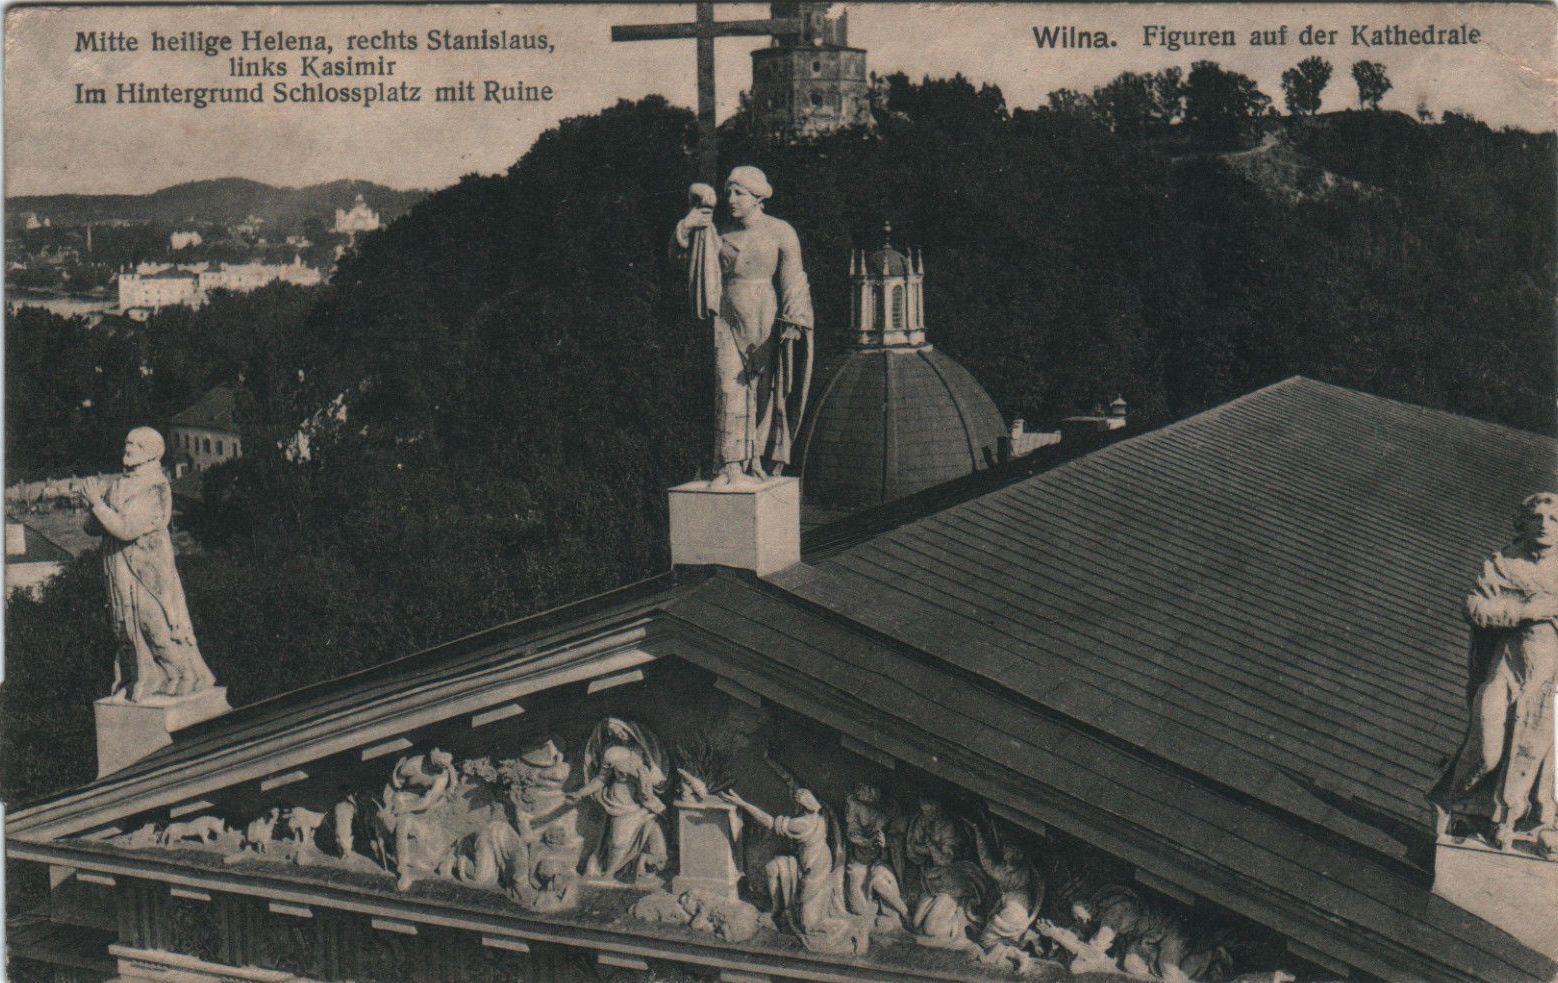 Скульптуры на кафедральном соборе